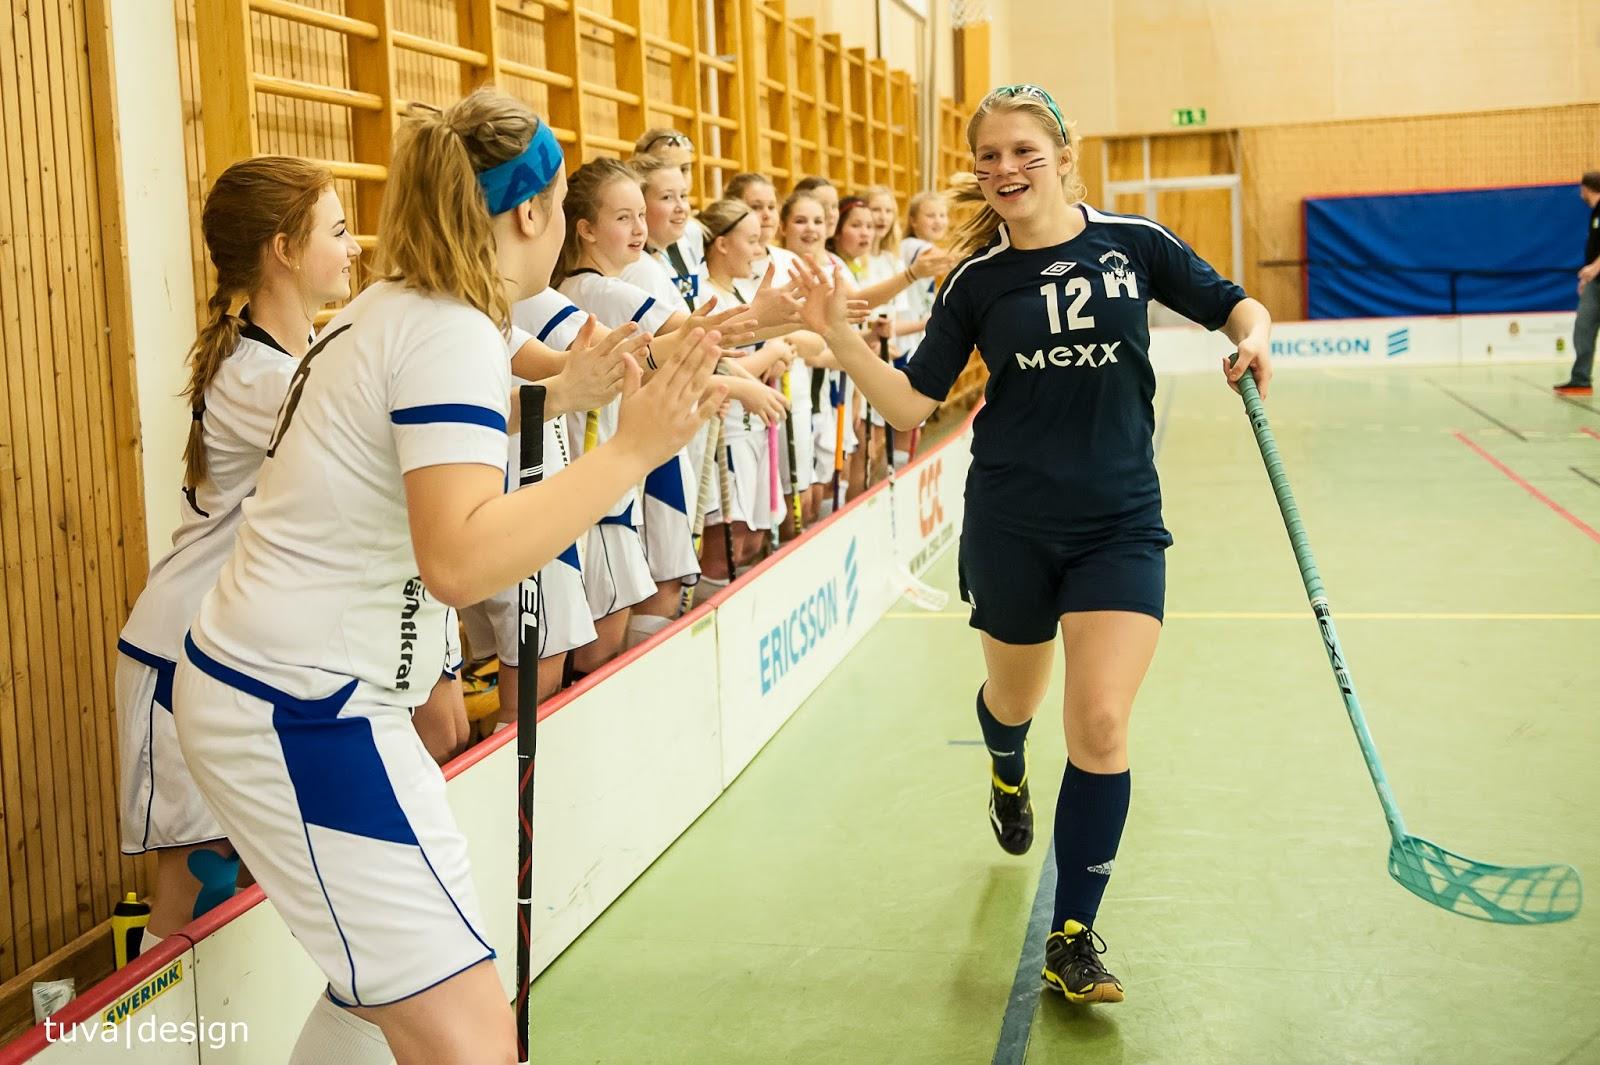 stersund girls Bmw ibu biathlon world cup östersund (swe) biathlon single mixed relay 27112016 world cup 1 ostersund östersund-2016 german girls.